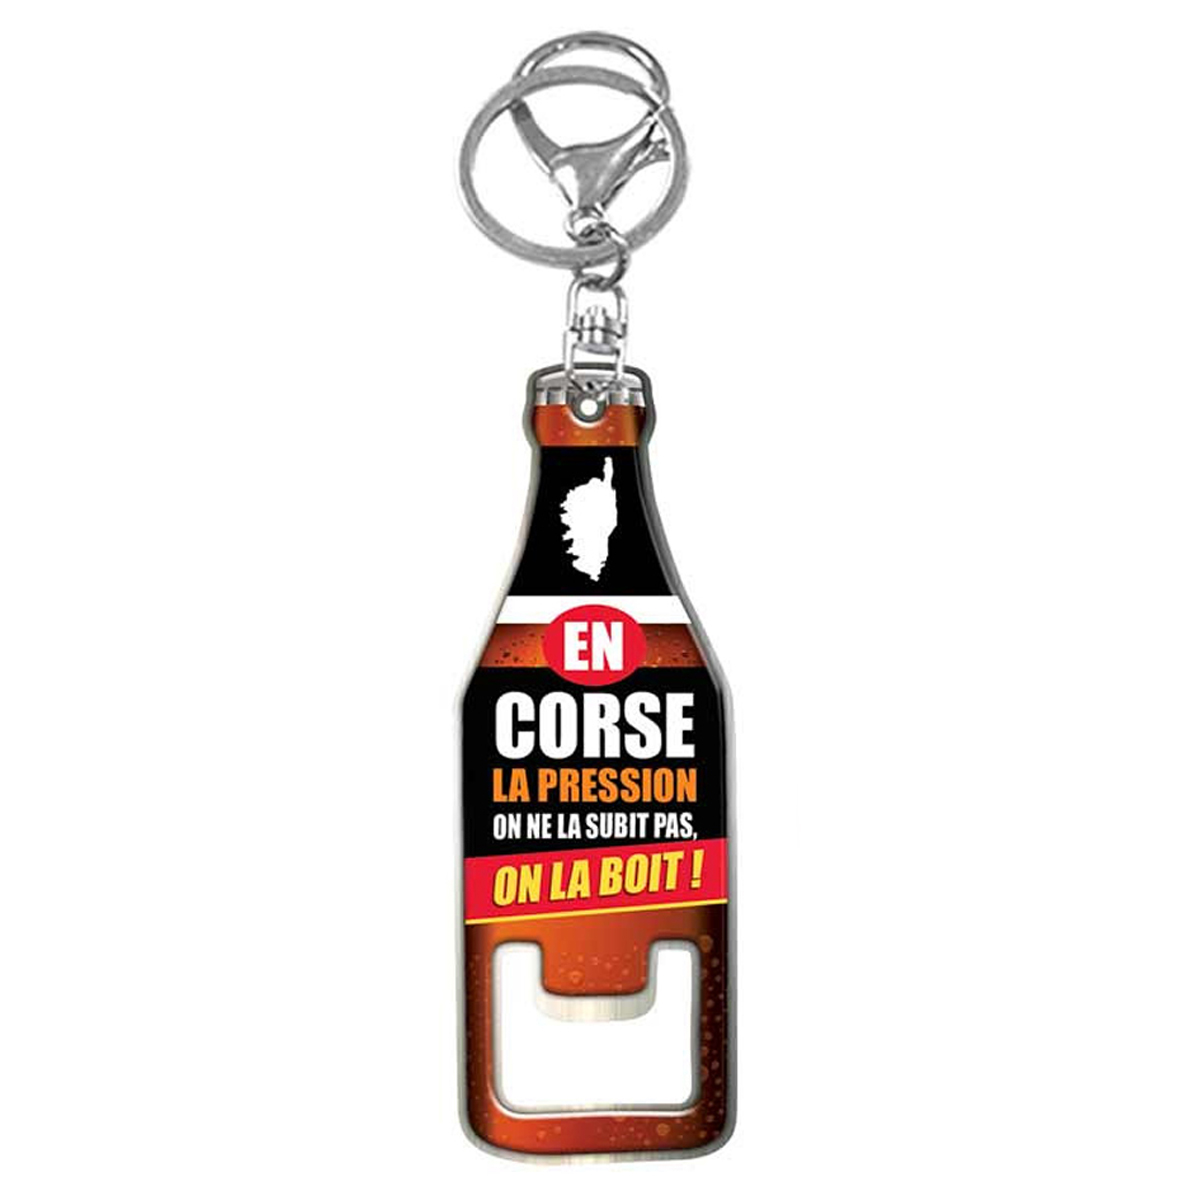 Porte-Clés décapsuleur \'Corse\' marron (En Corse, la pression, on ne la subit pas, on la boit !) - 85x28 mm - [R1635]